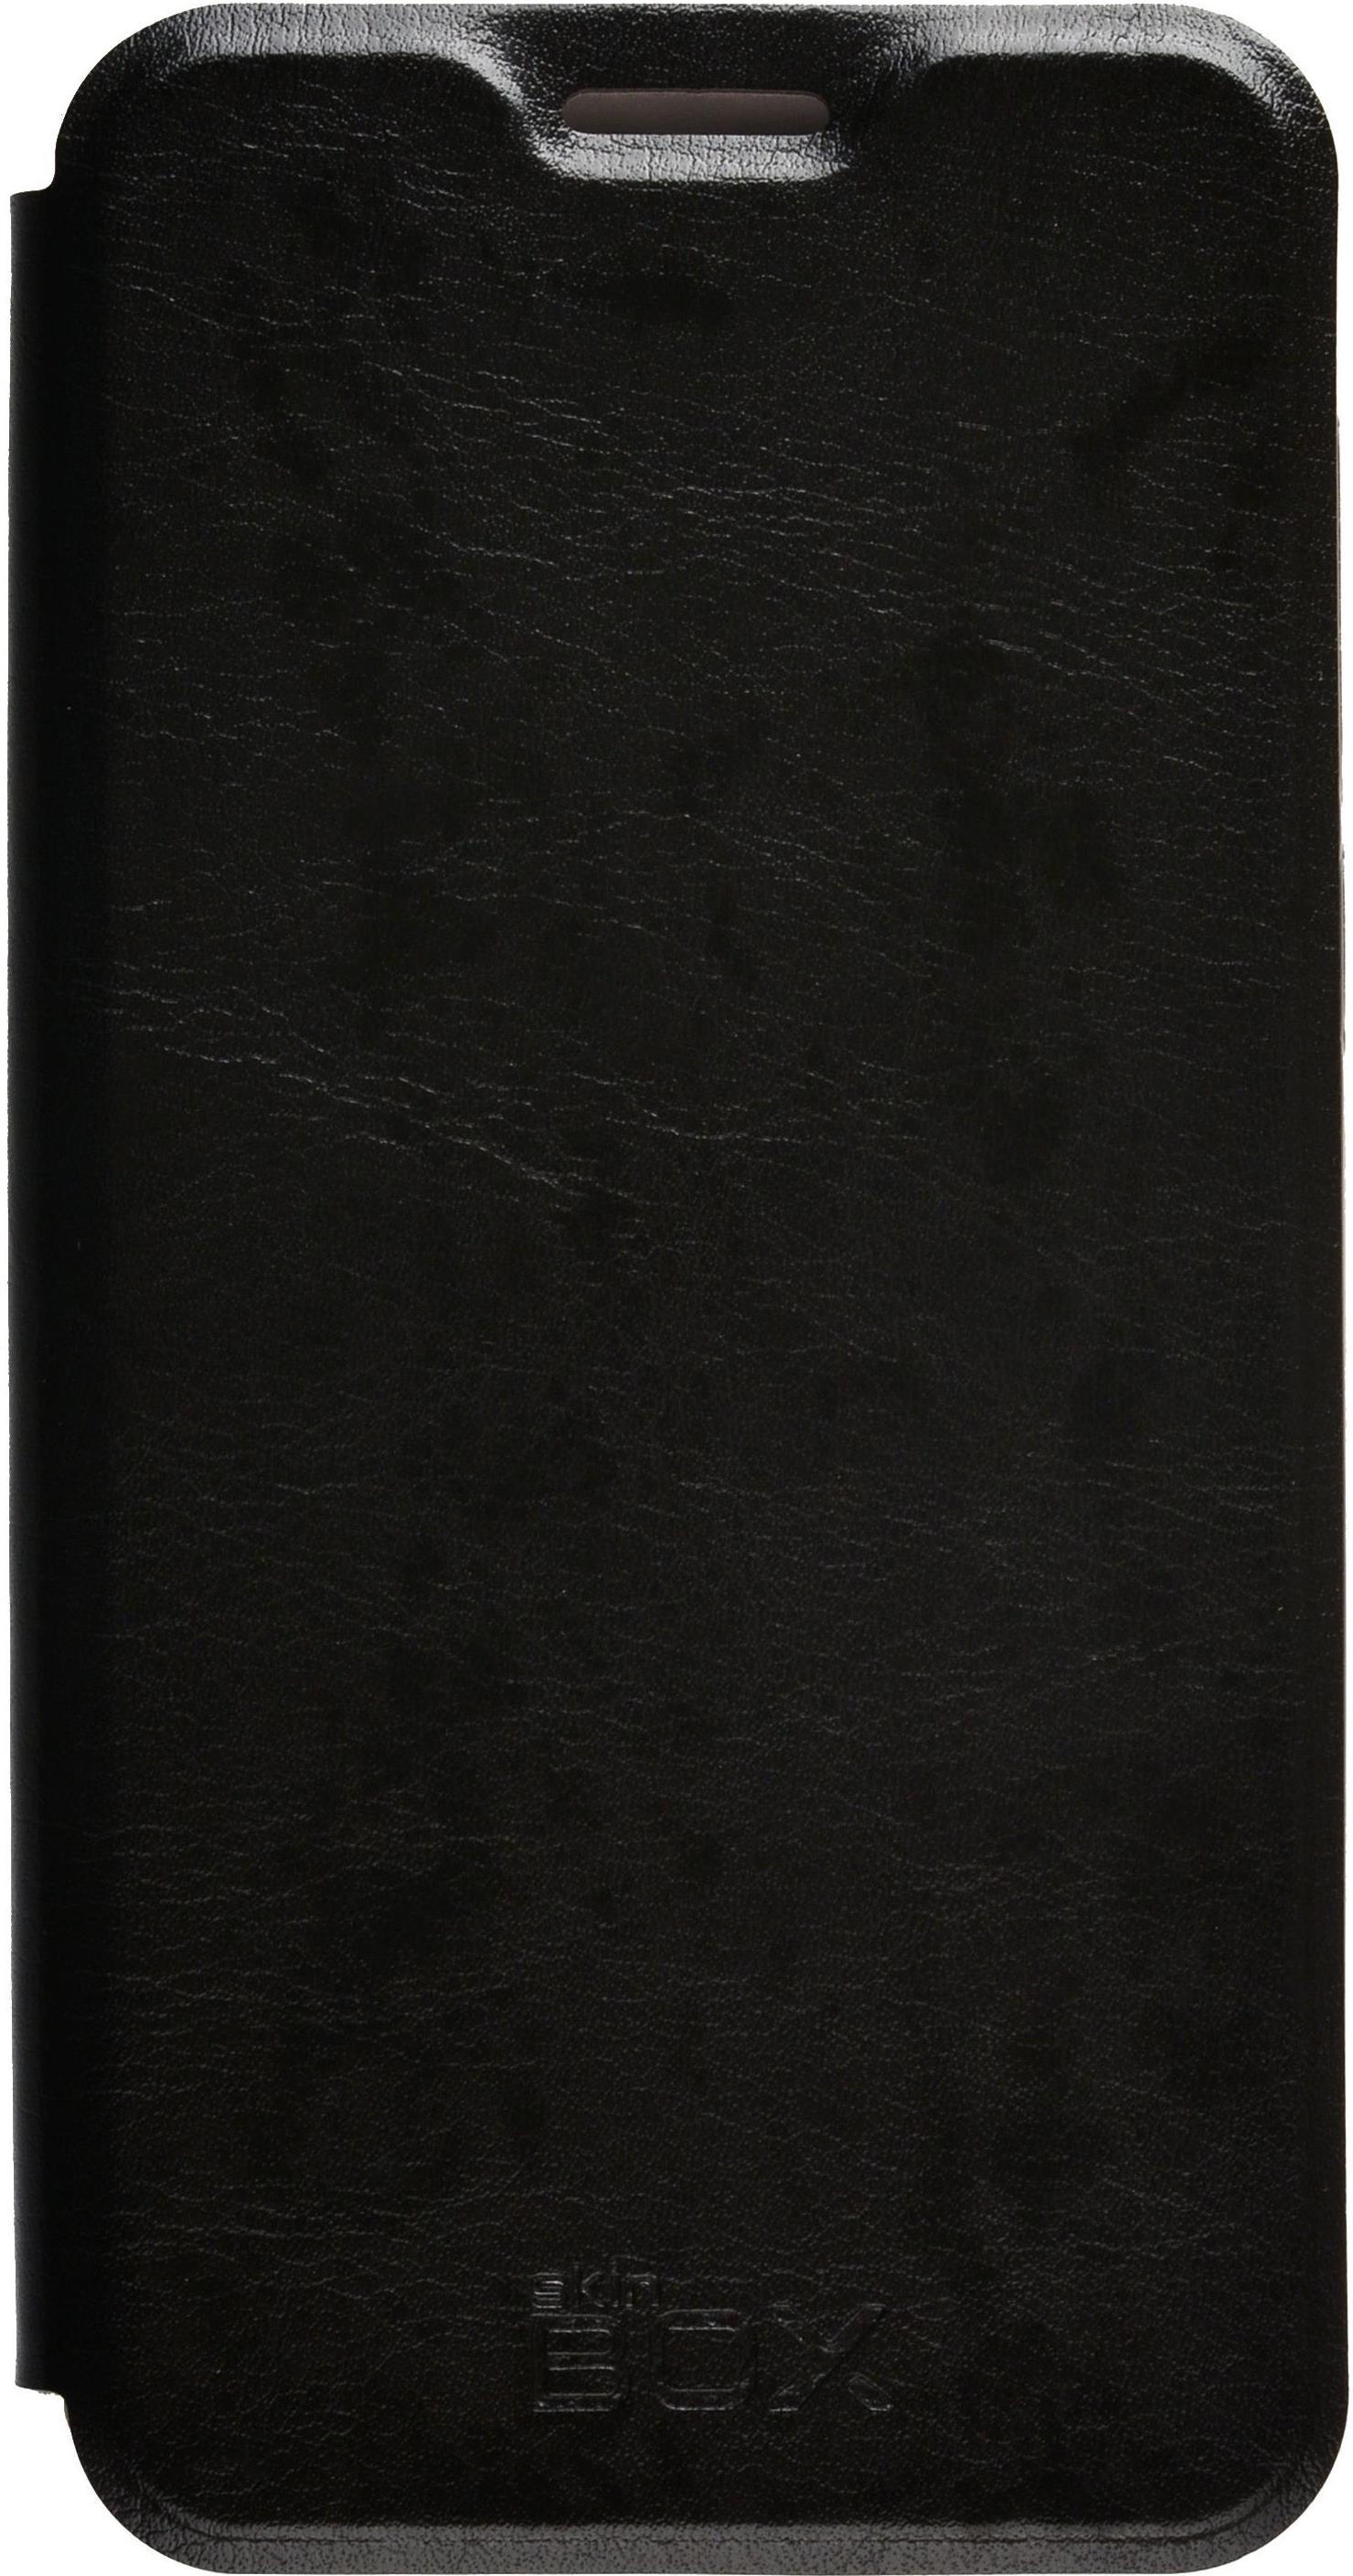 Чехол для сотового телефона skinBOX Lux, 4630042525412, черный все цены